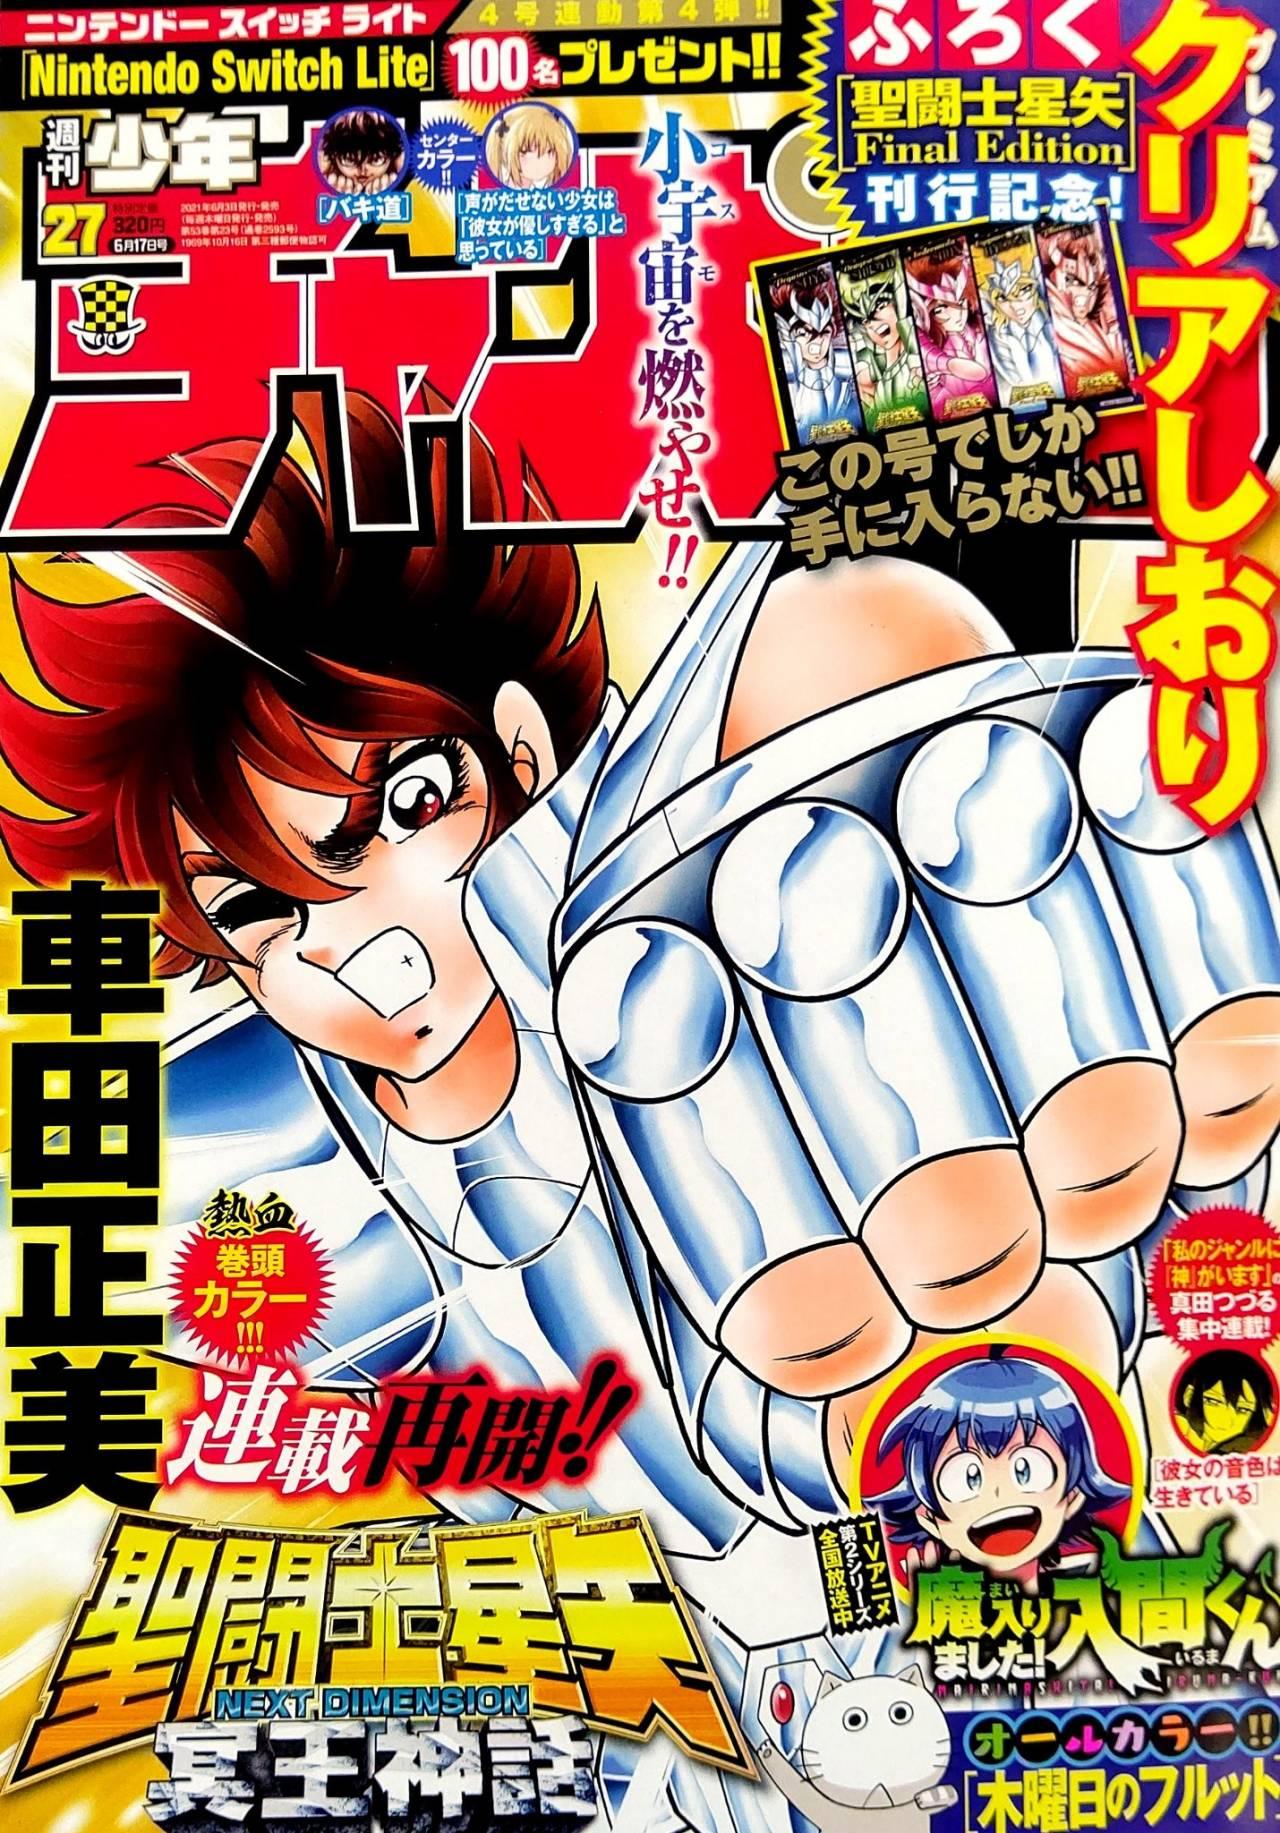 saint seiya next dimension shonen magazine 27 2021